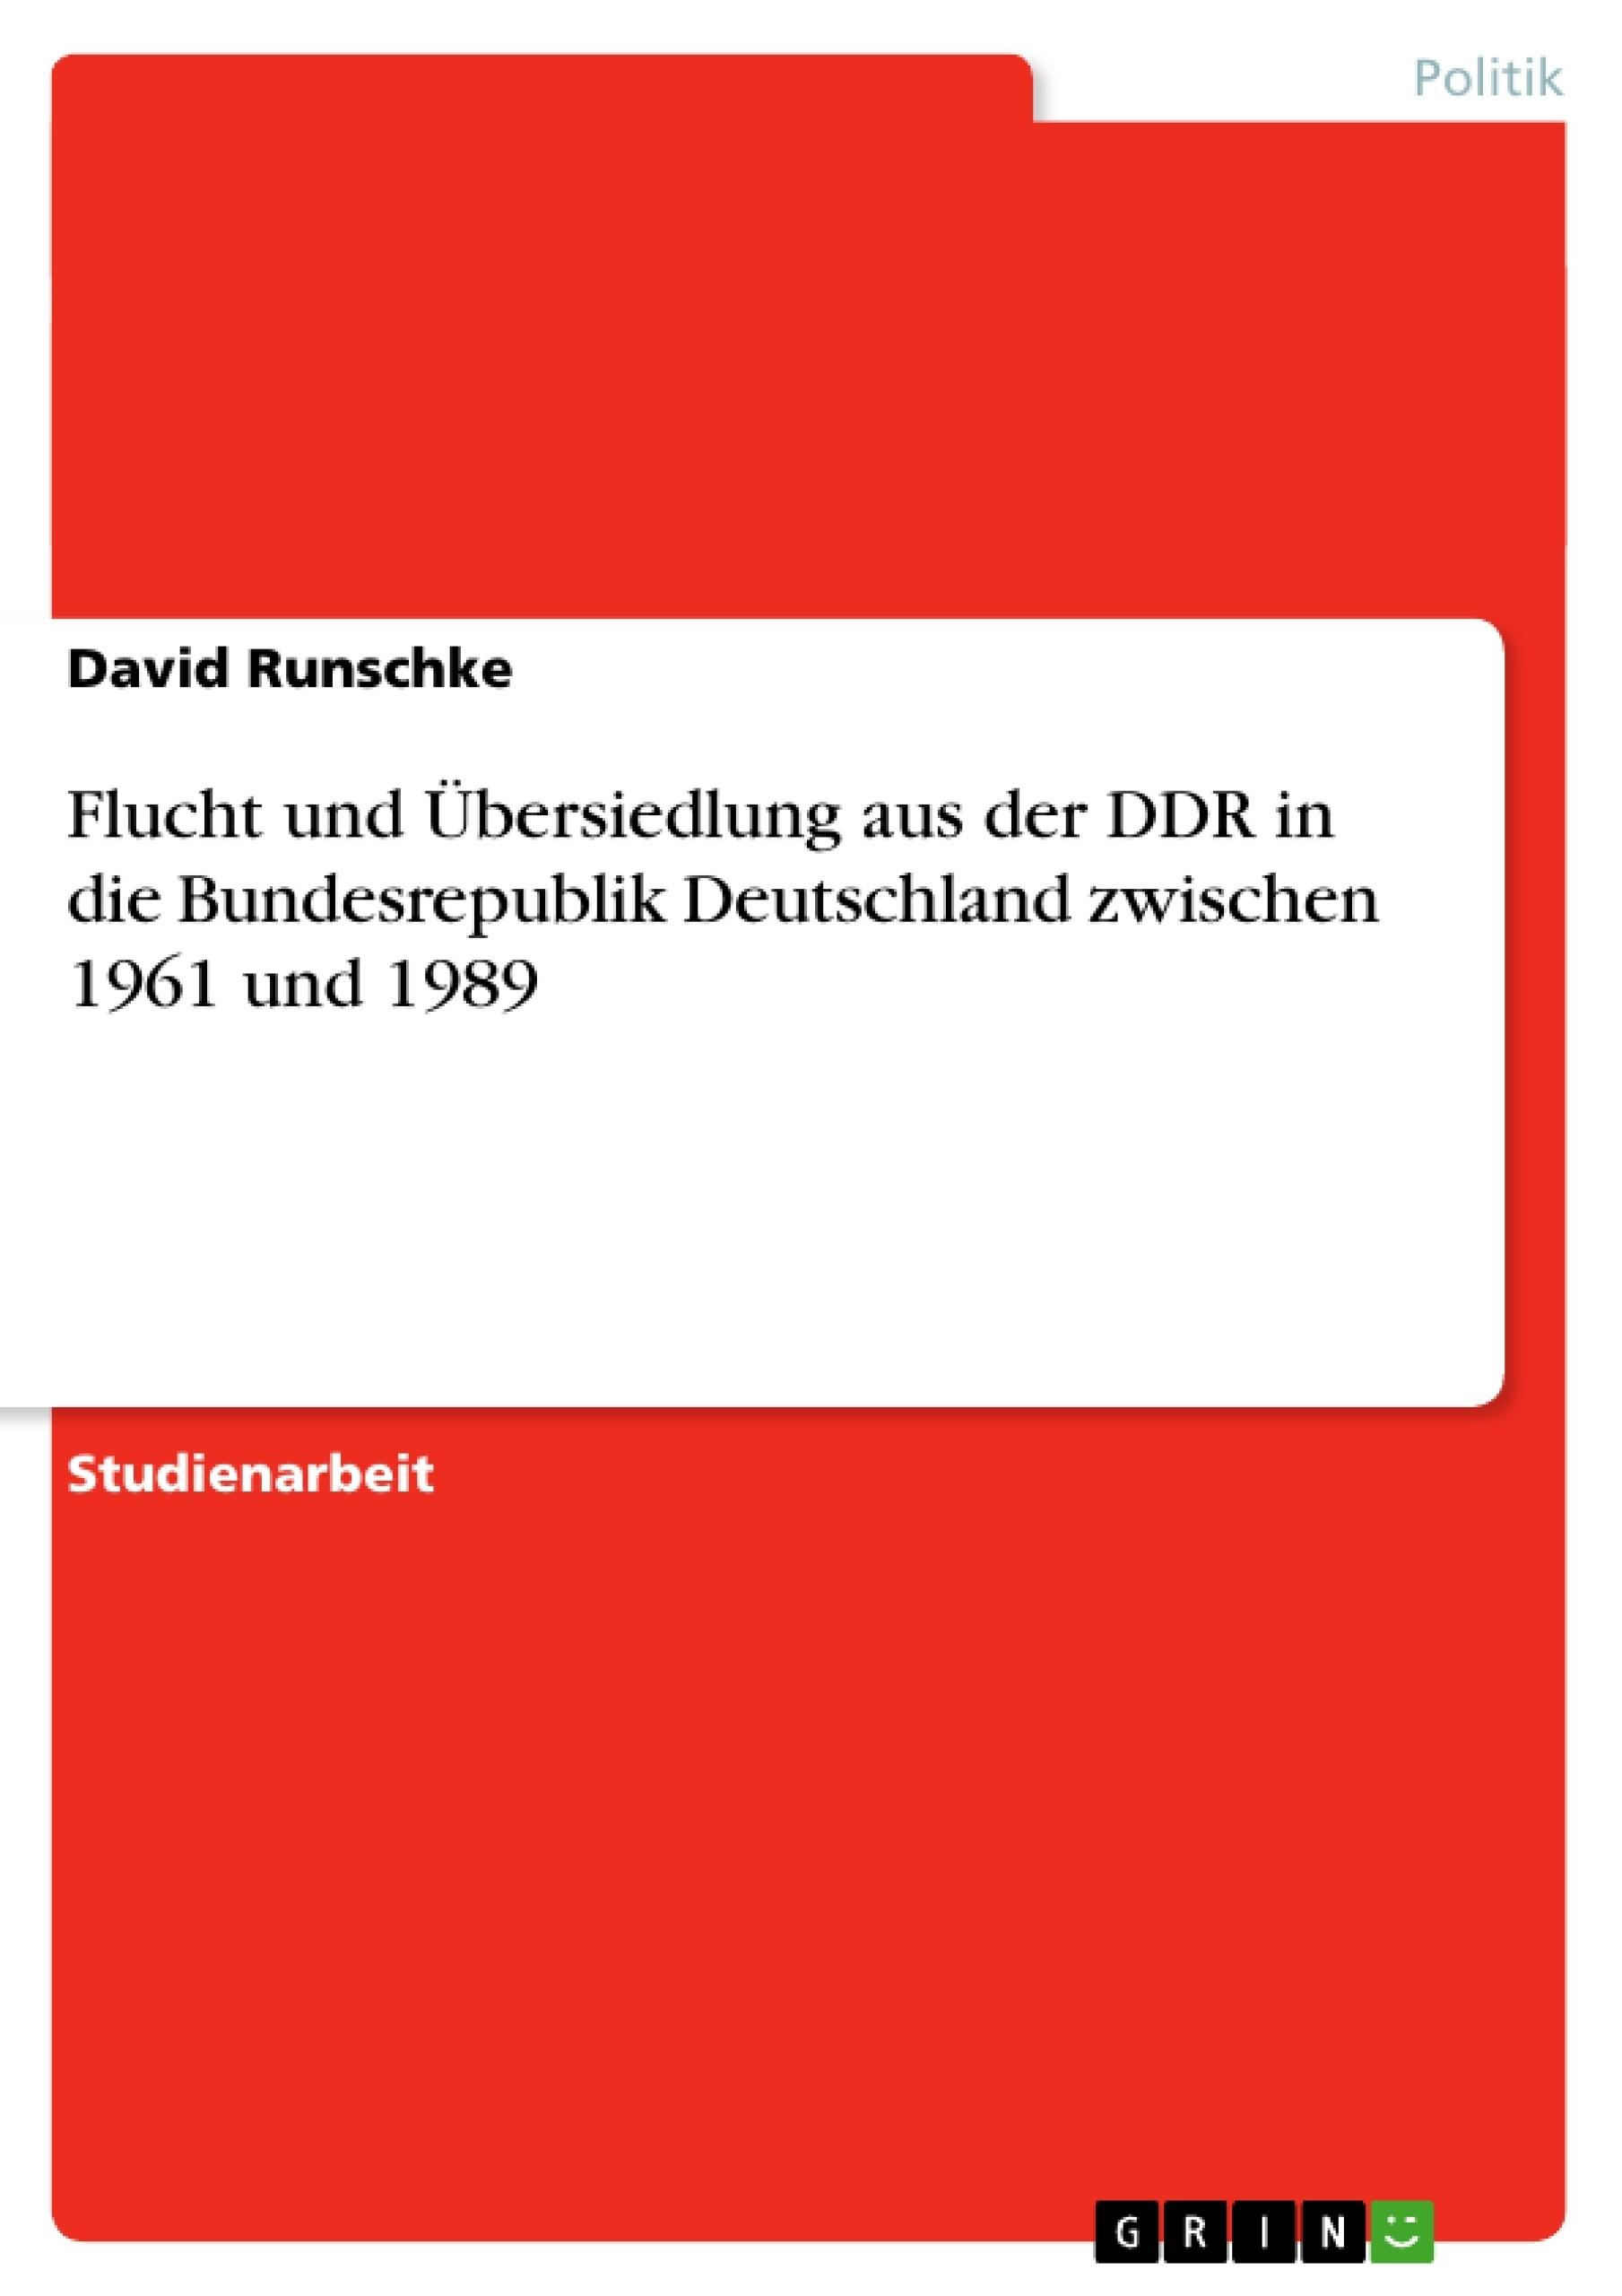 Titel: Flucht und Übersiedlung aus der DDR in die Bundesrepublik Deutschland zwischen 1961 und 1989